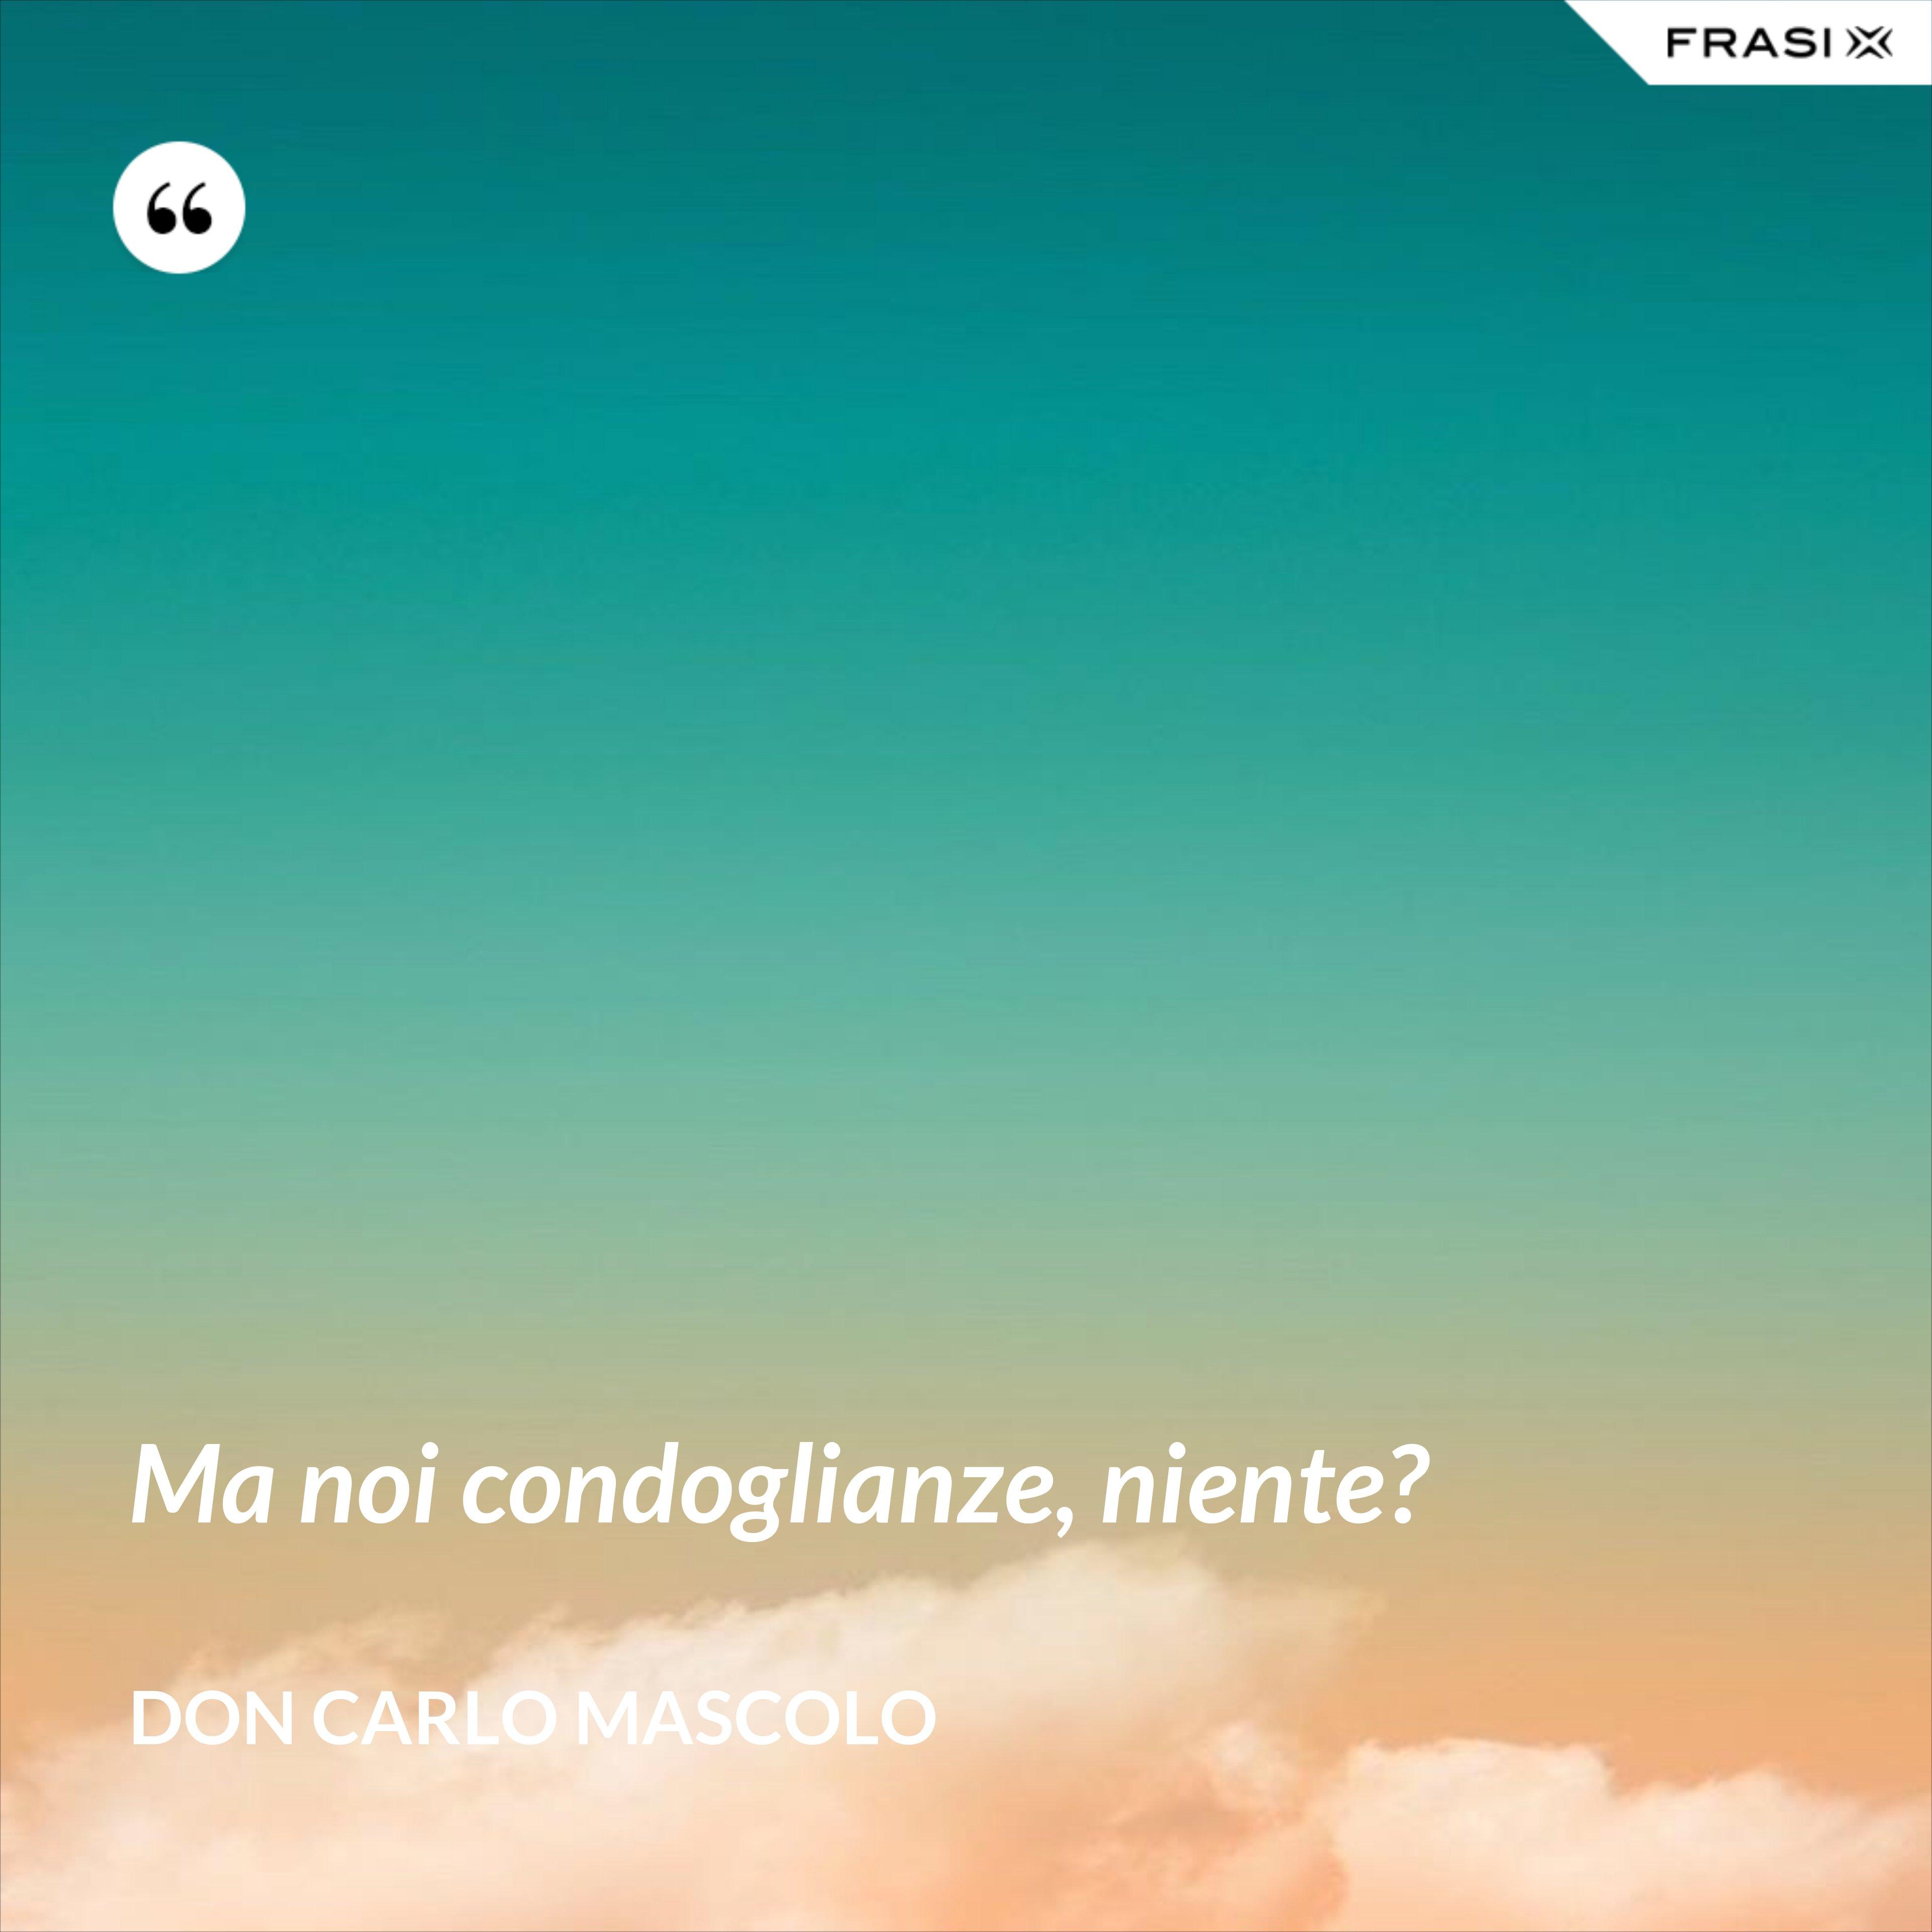 Ma noi condoglianze, niente? - Don Carlo Mascolo